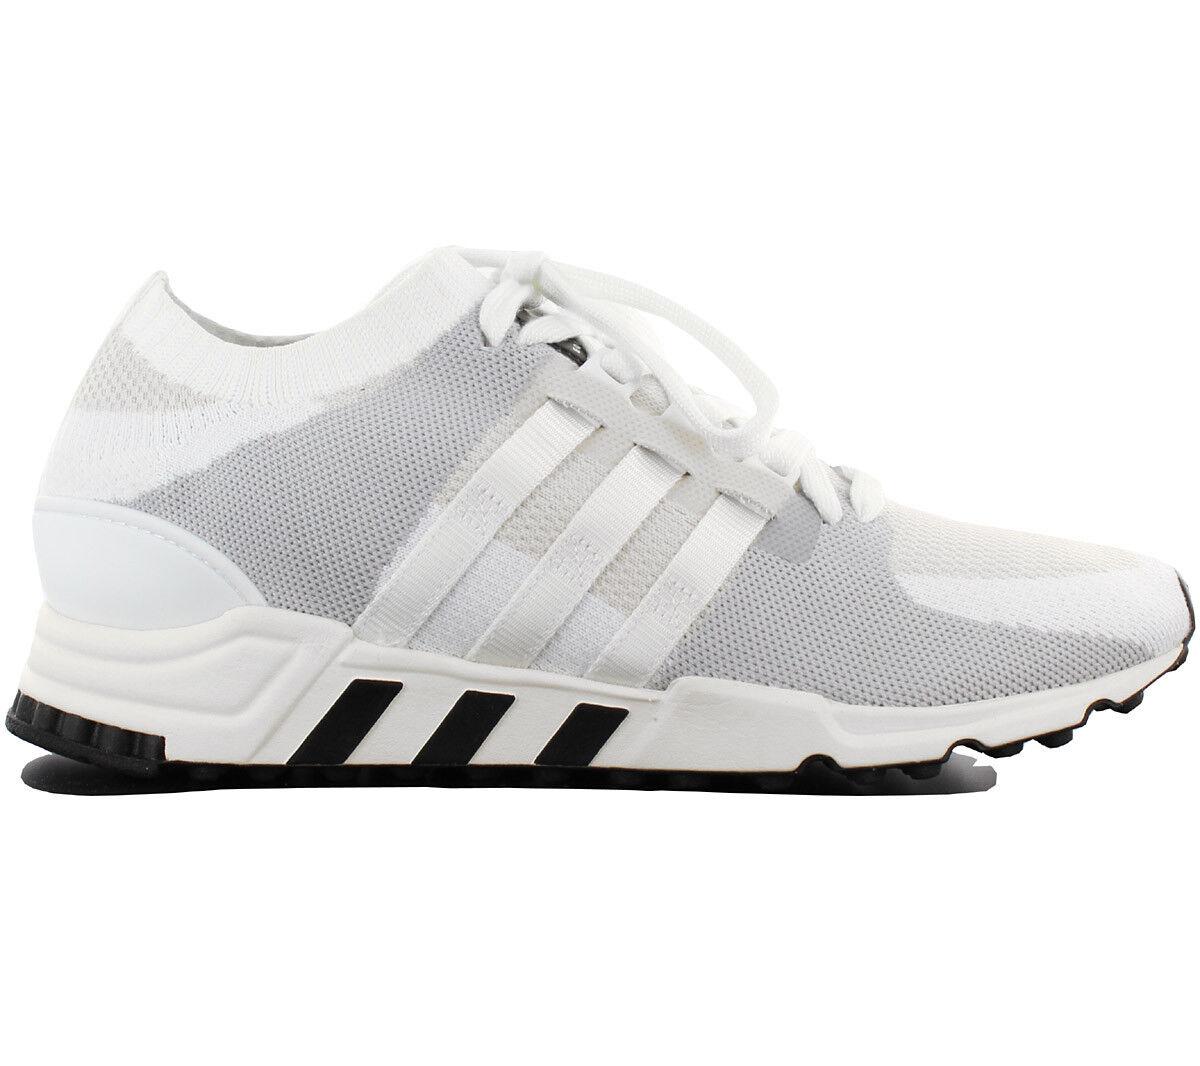 adidas Equipment EQT Support RF PK Primeknit Sneaker Schuhe Weiß BA7507 NEU